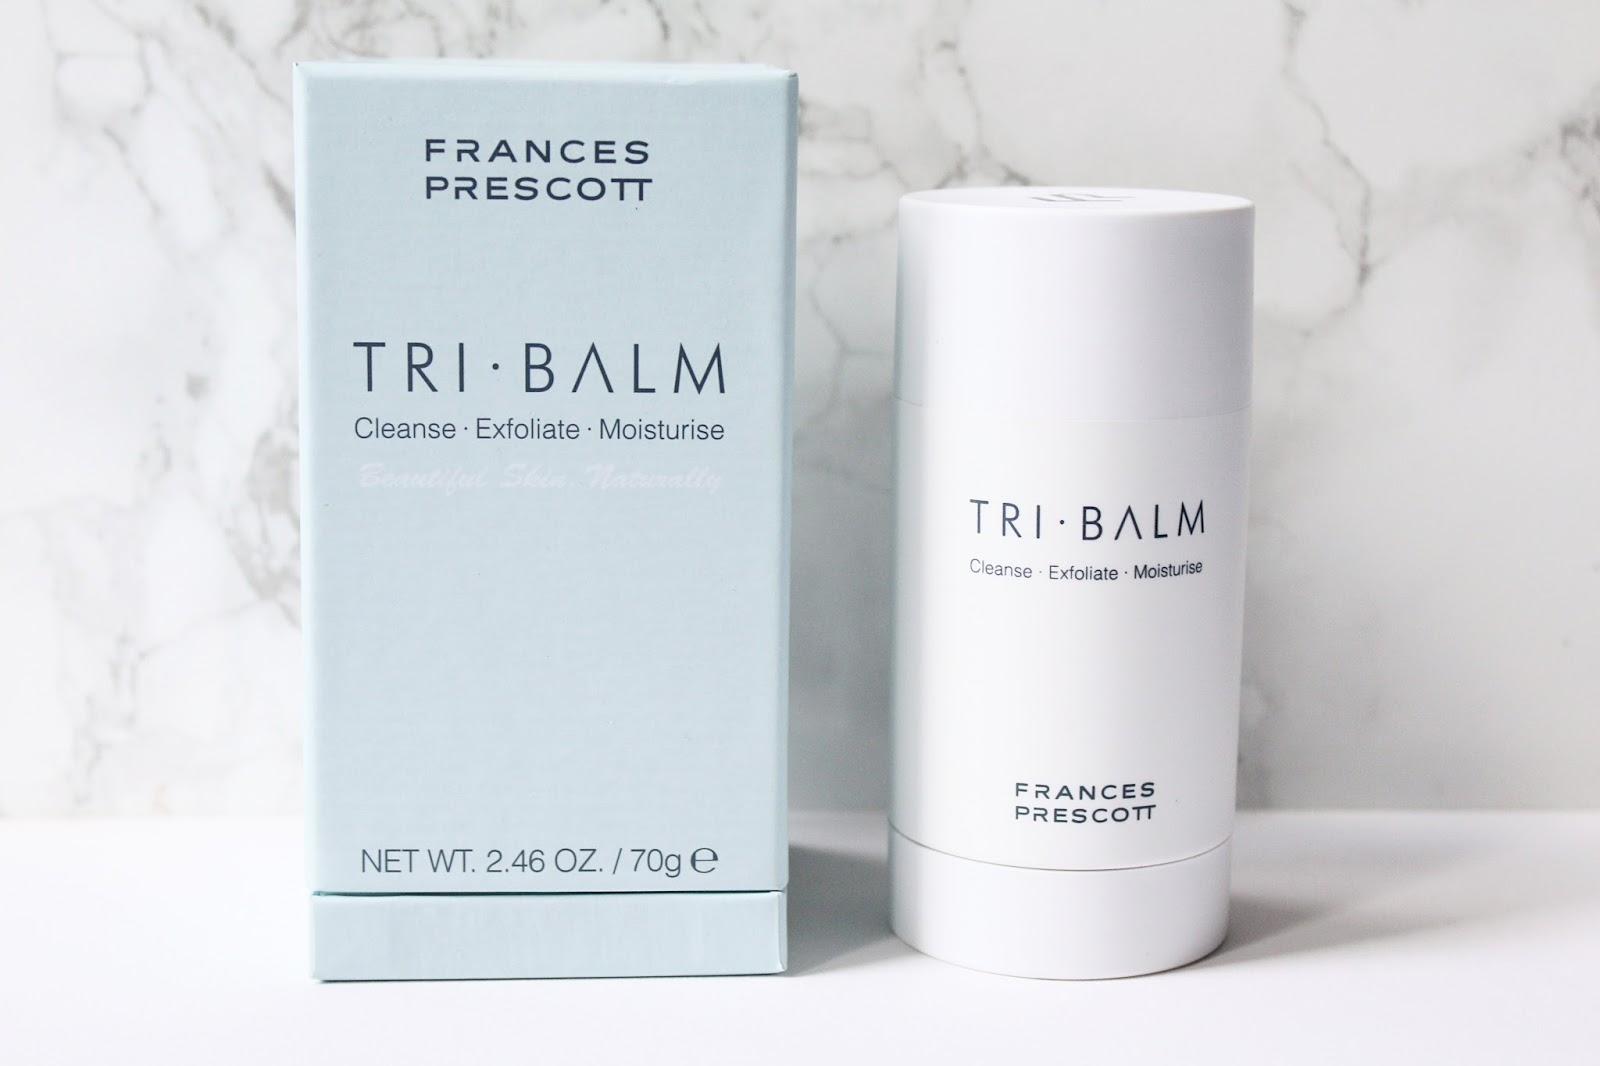 Frances Prescott Tri-Balm Review